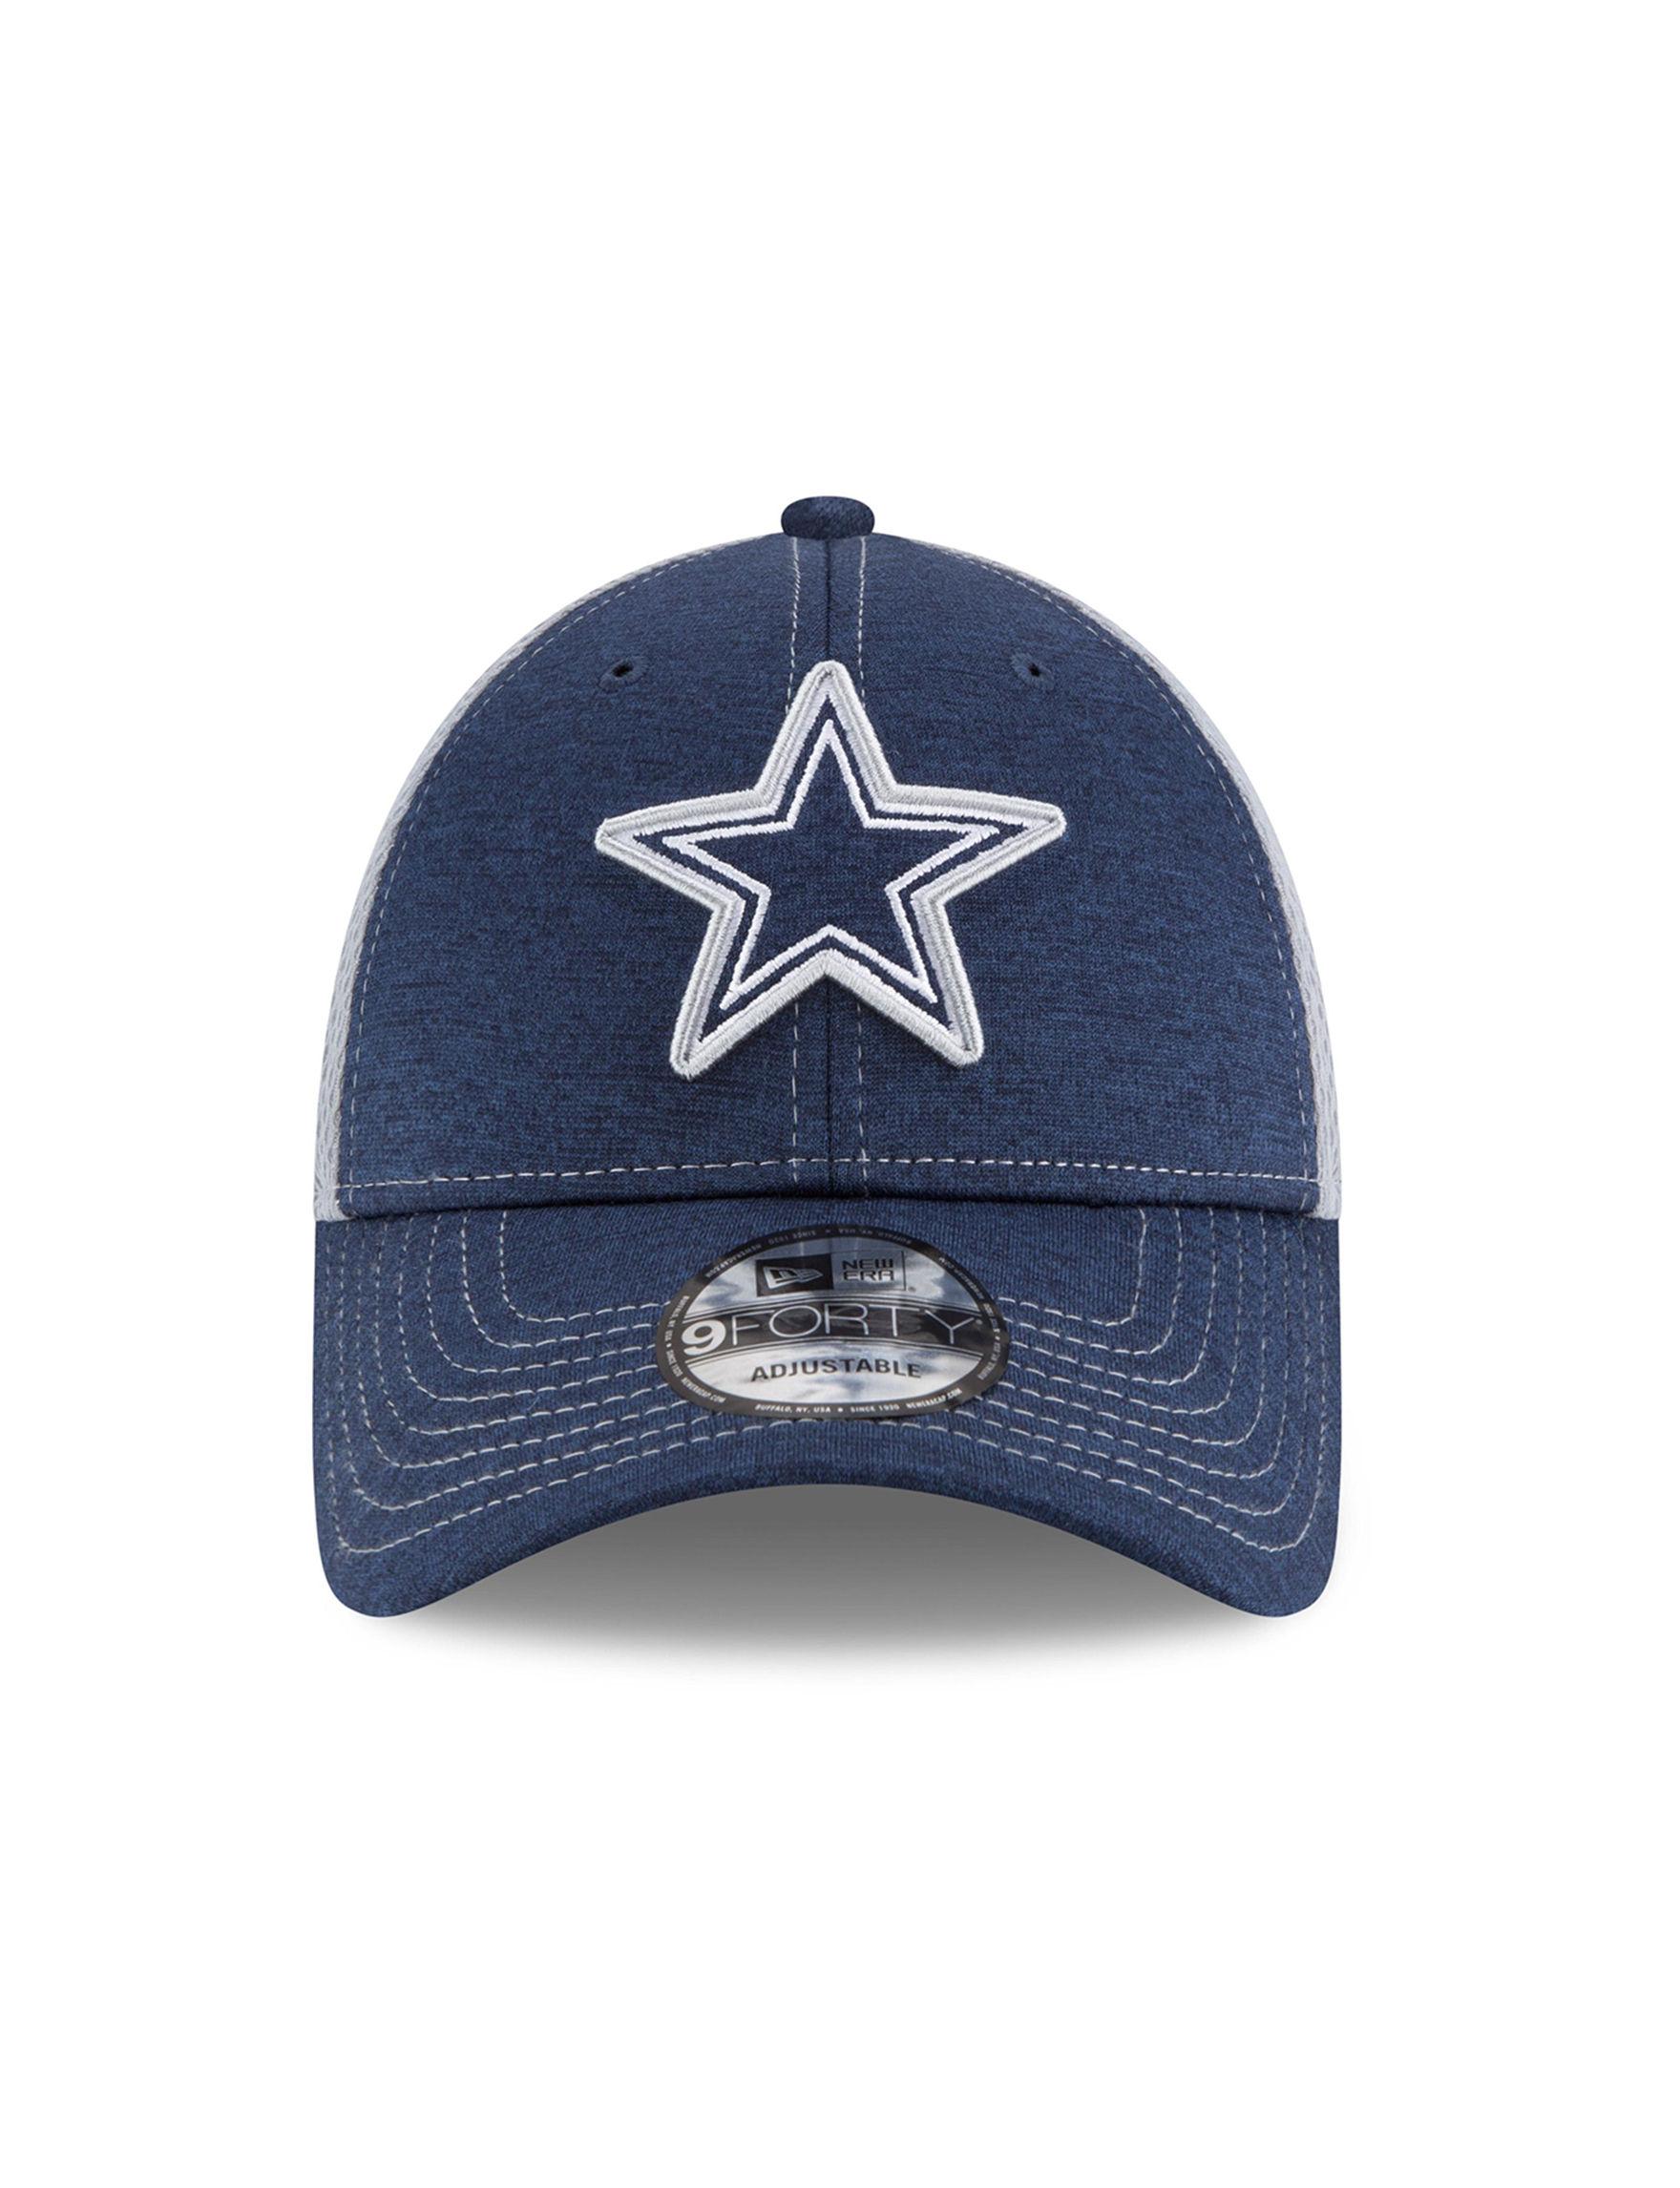 NFL Denim Blue Hats & Headwear